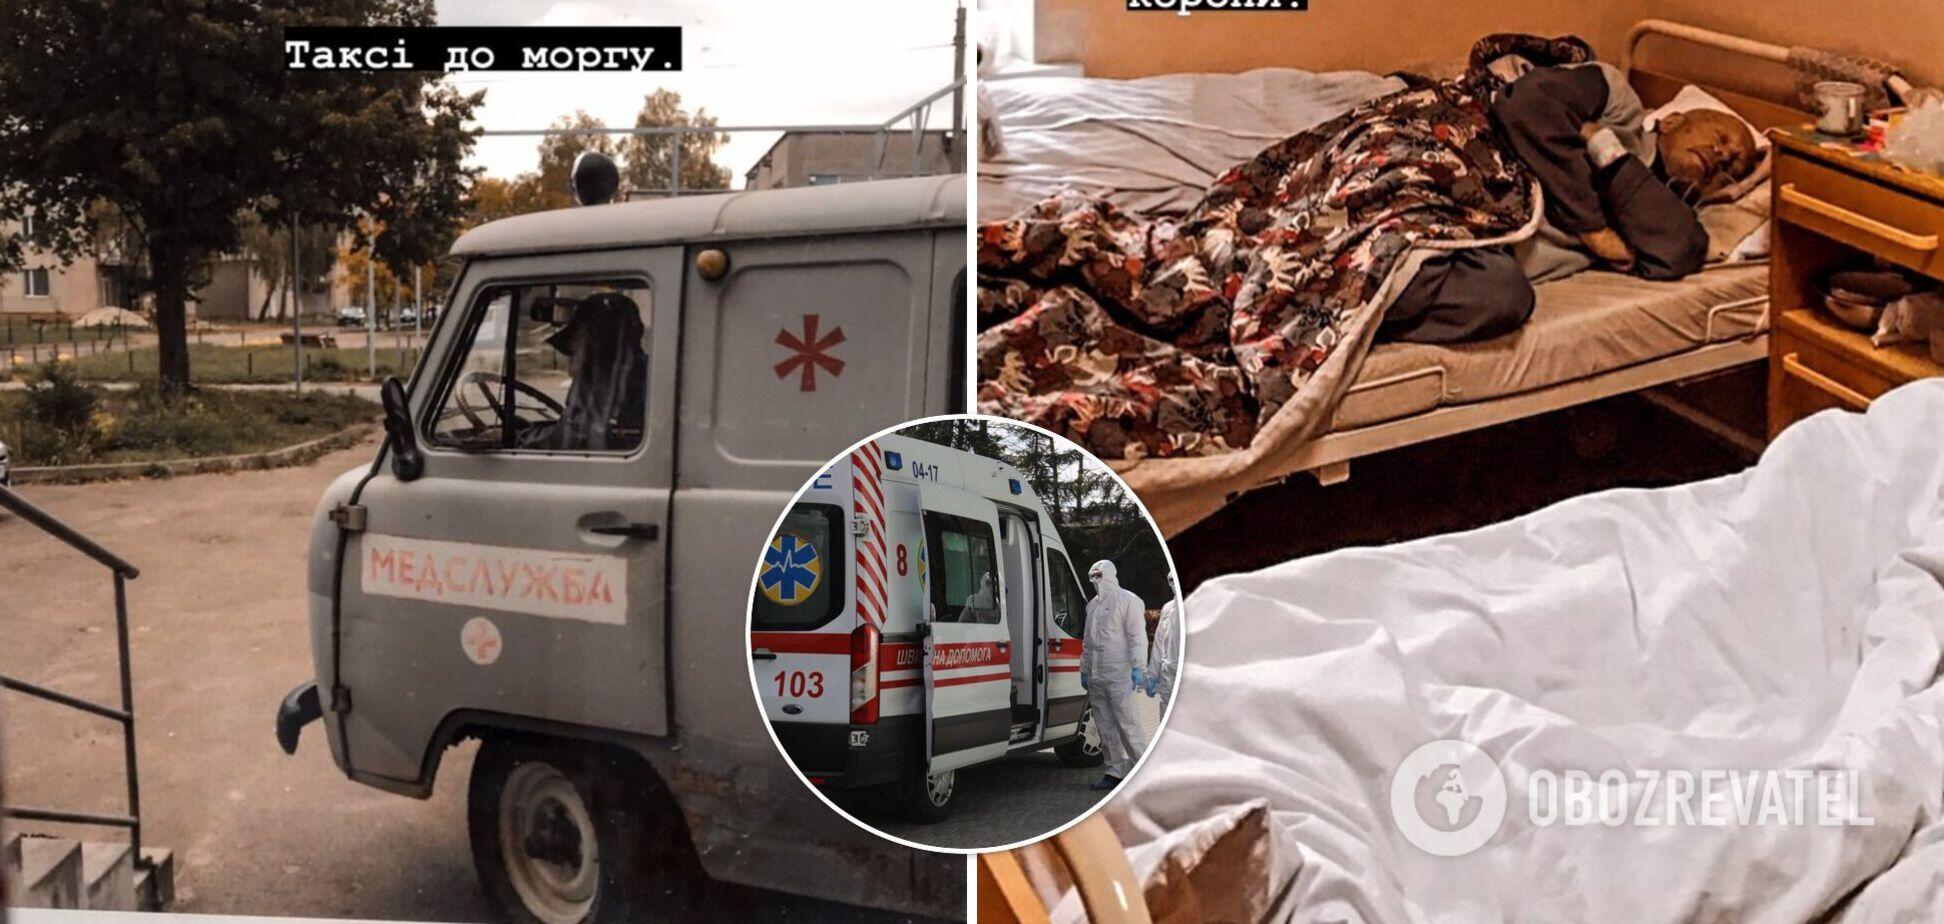 Щоденні смерті, 'таксі' в морг і втома лікарів: з'явився репортаж про реальну ситуацію в COVID-лікарні Львова. Фото